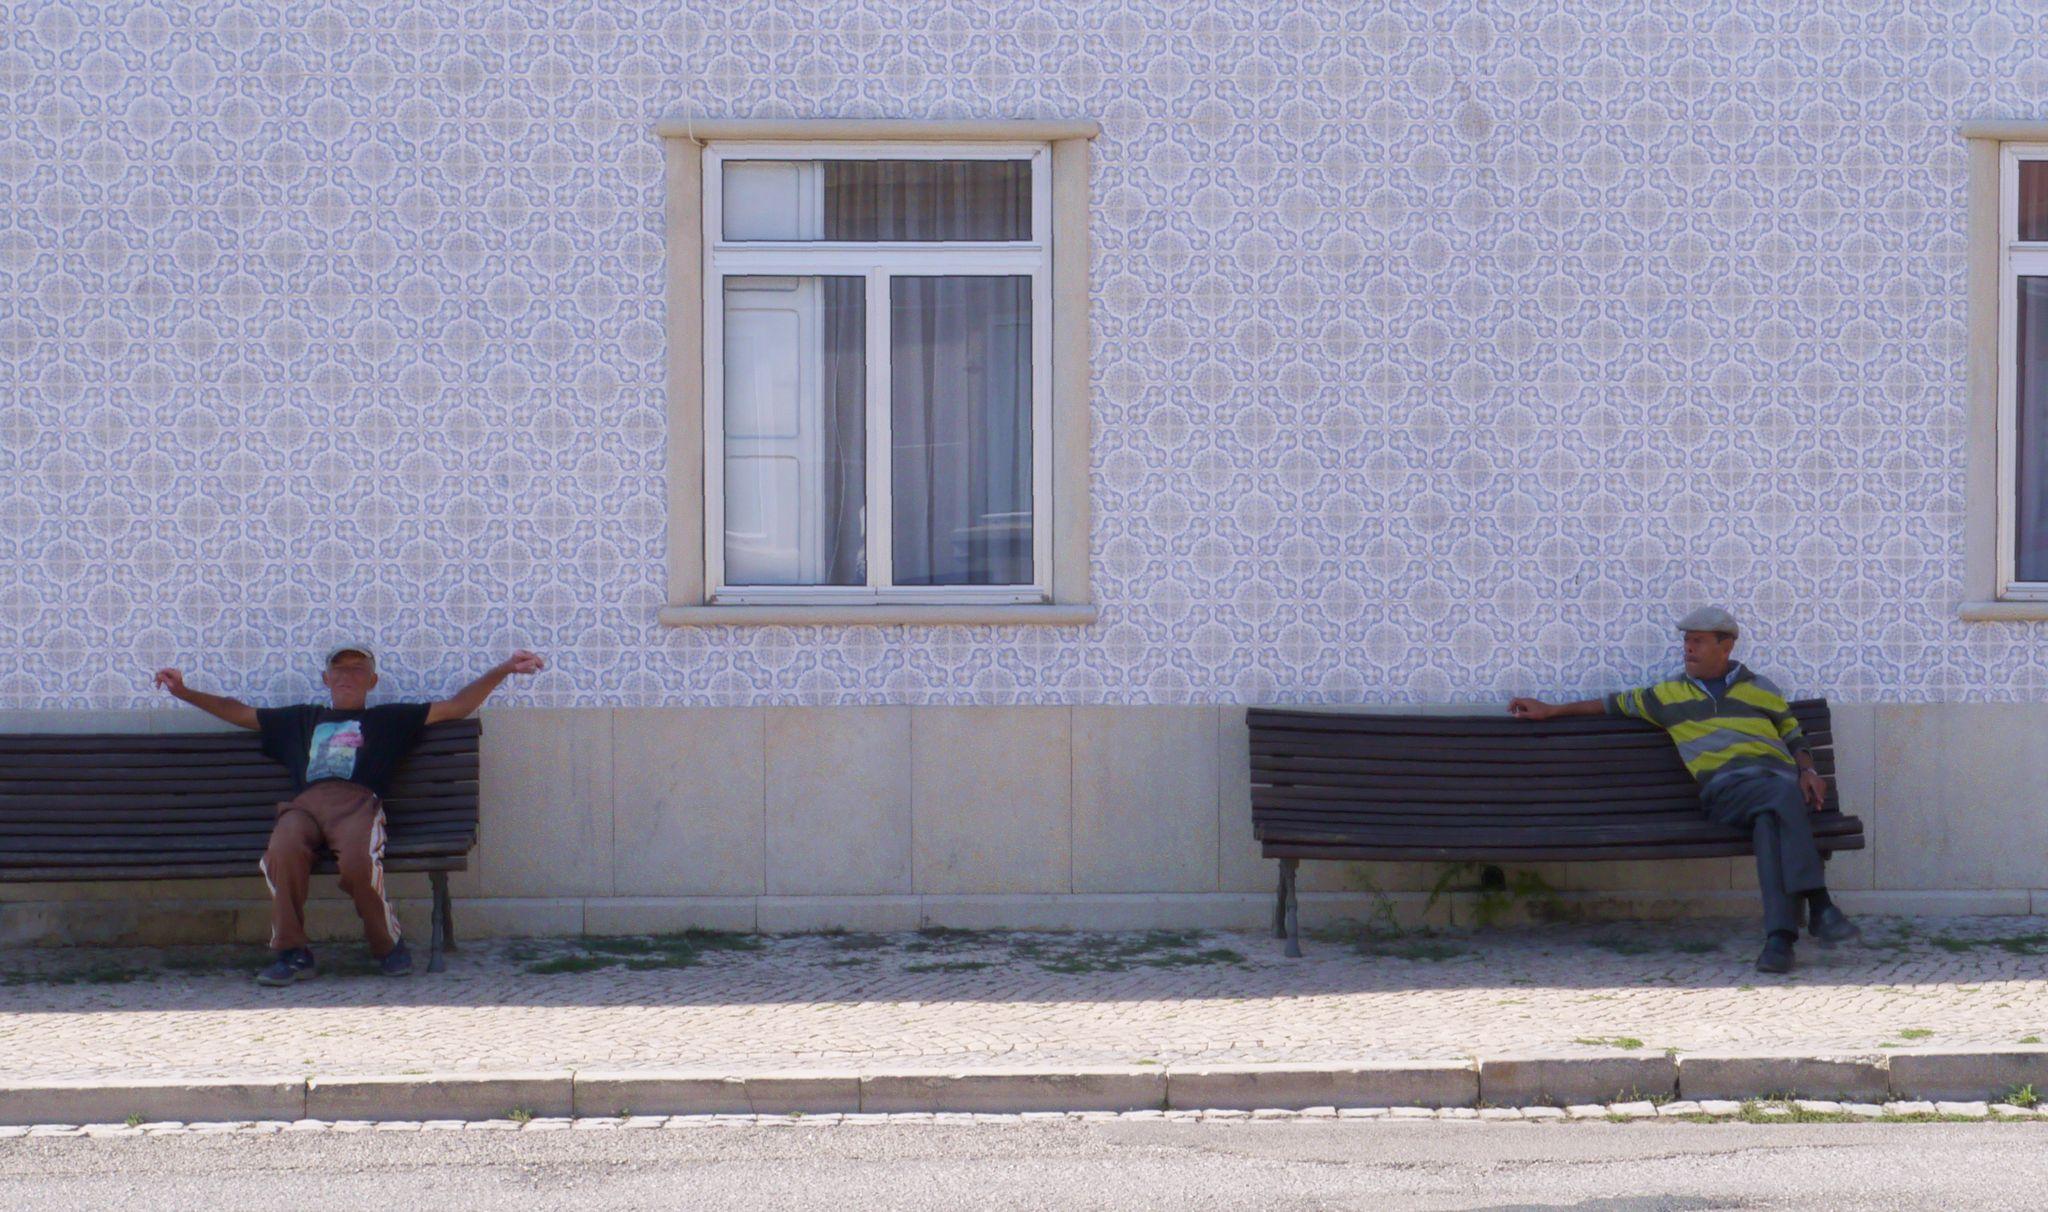 sao bras de alportel, Portugal